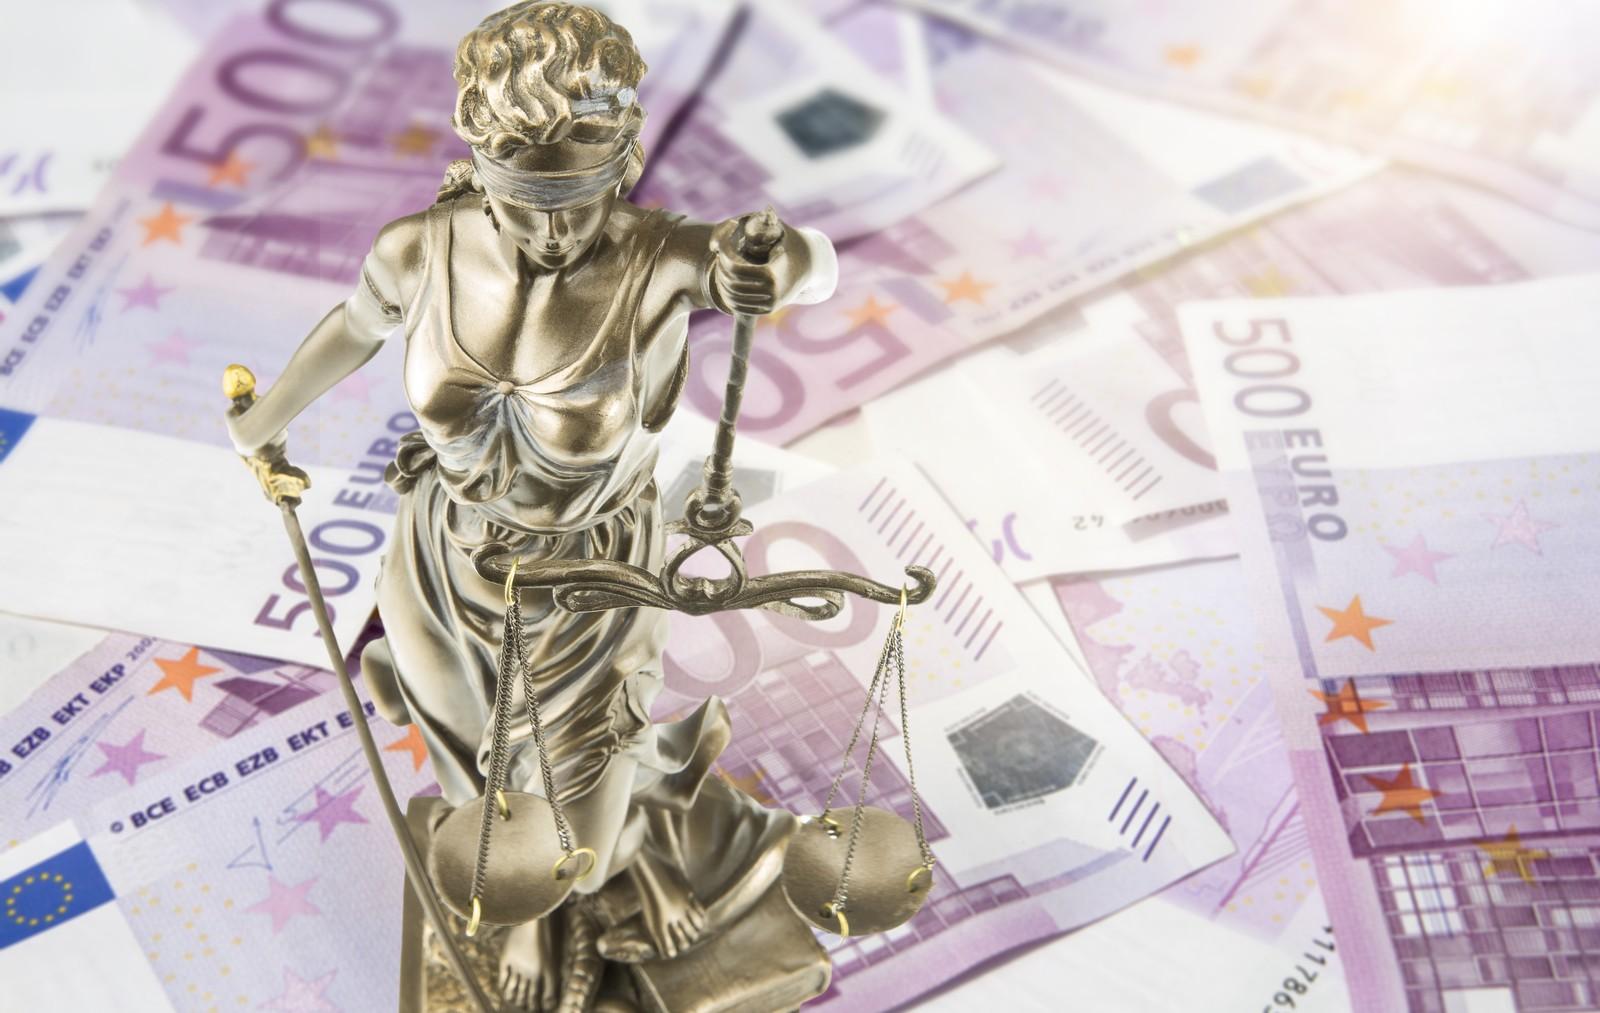 Die Belastung der Wirtschaft durch Bürokratie betrug im Berichtszeitraum in Höhe von 32,4 Millionen Euro entstanden.